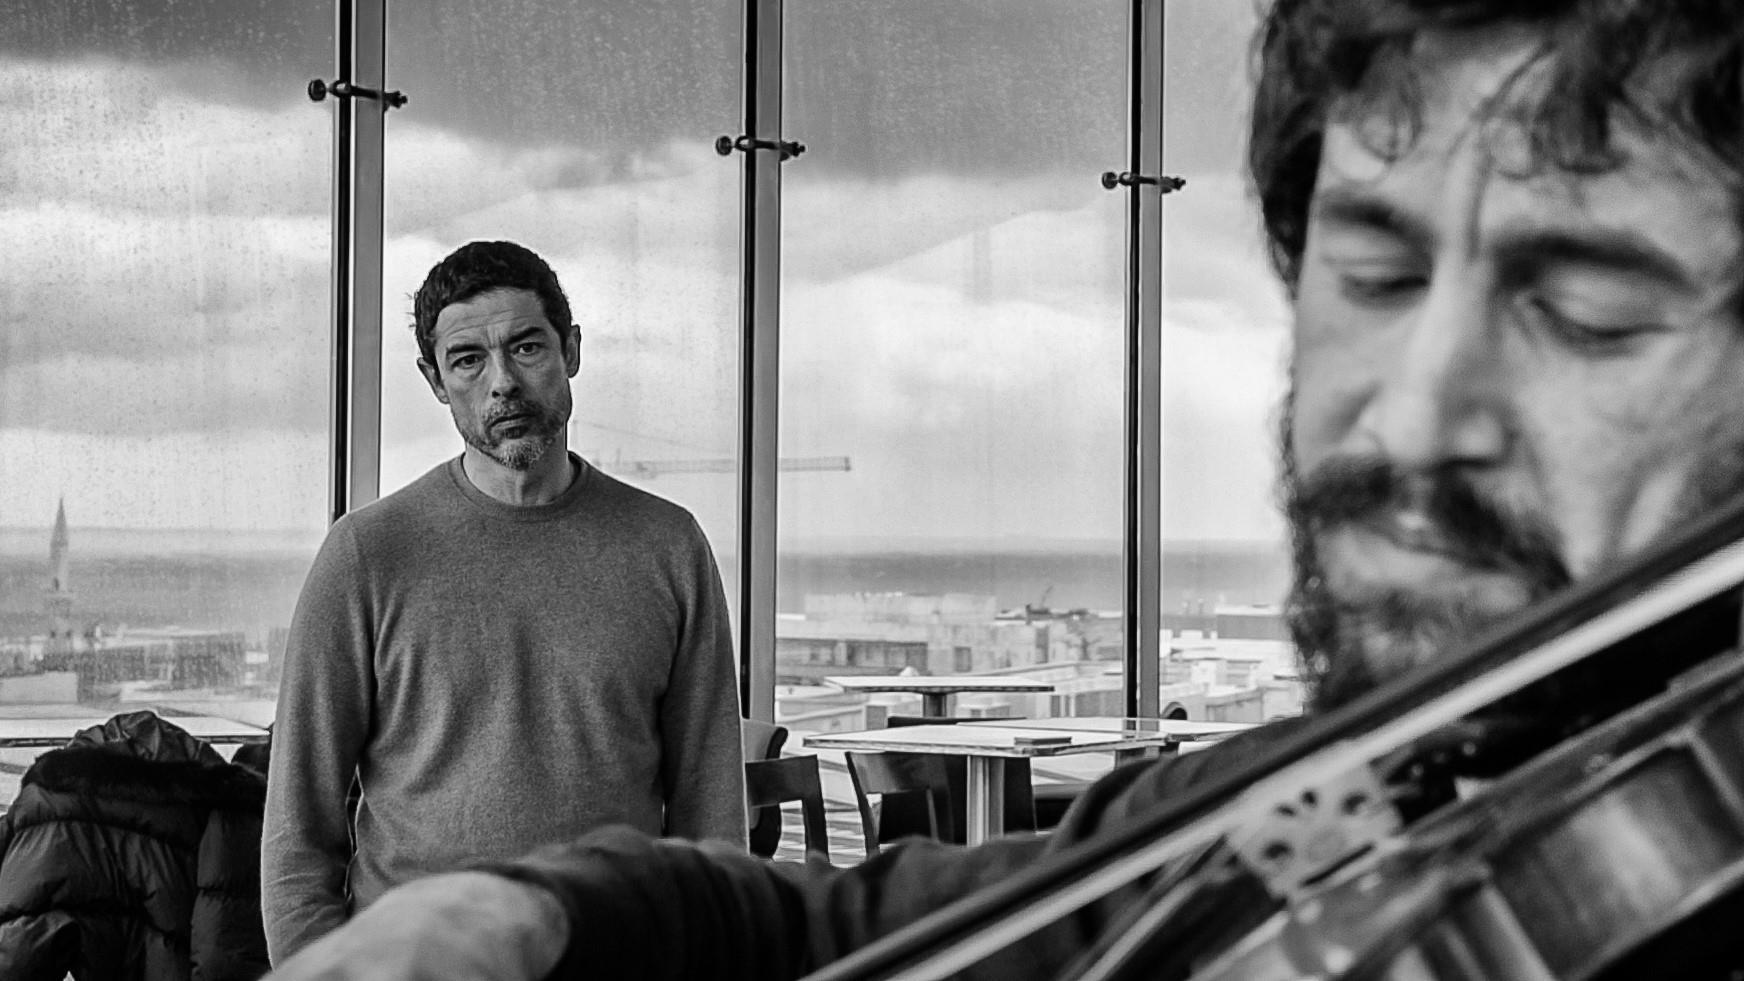 L'arte in tempo di guerra: il racconto di Alaa Arsheed. Un violino per la pace